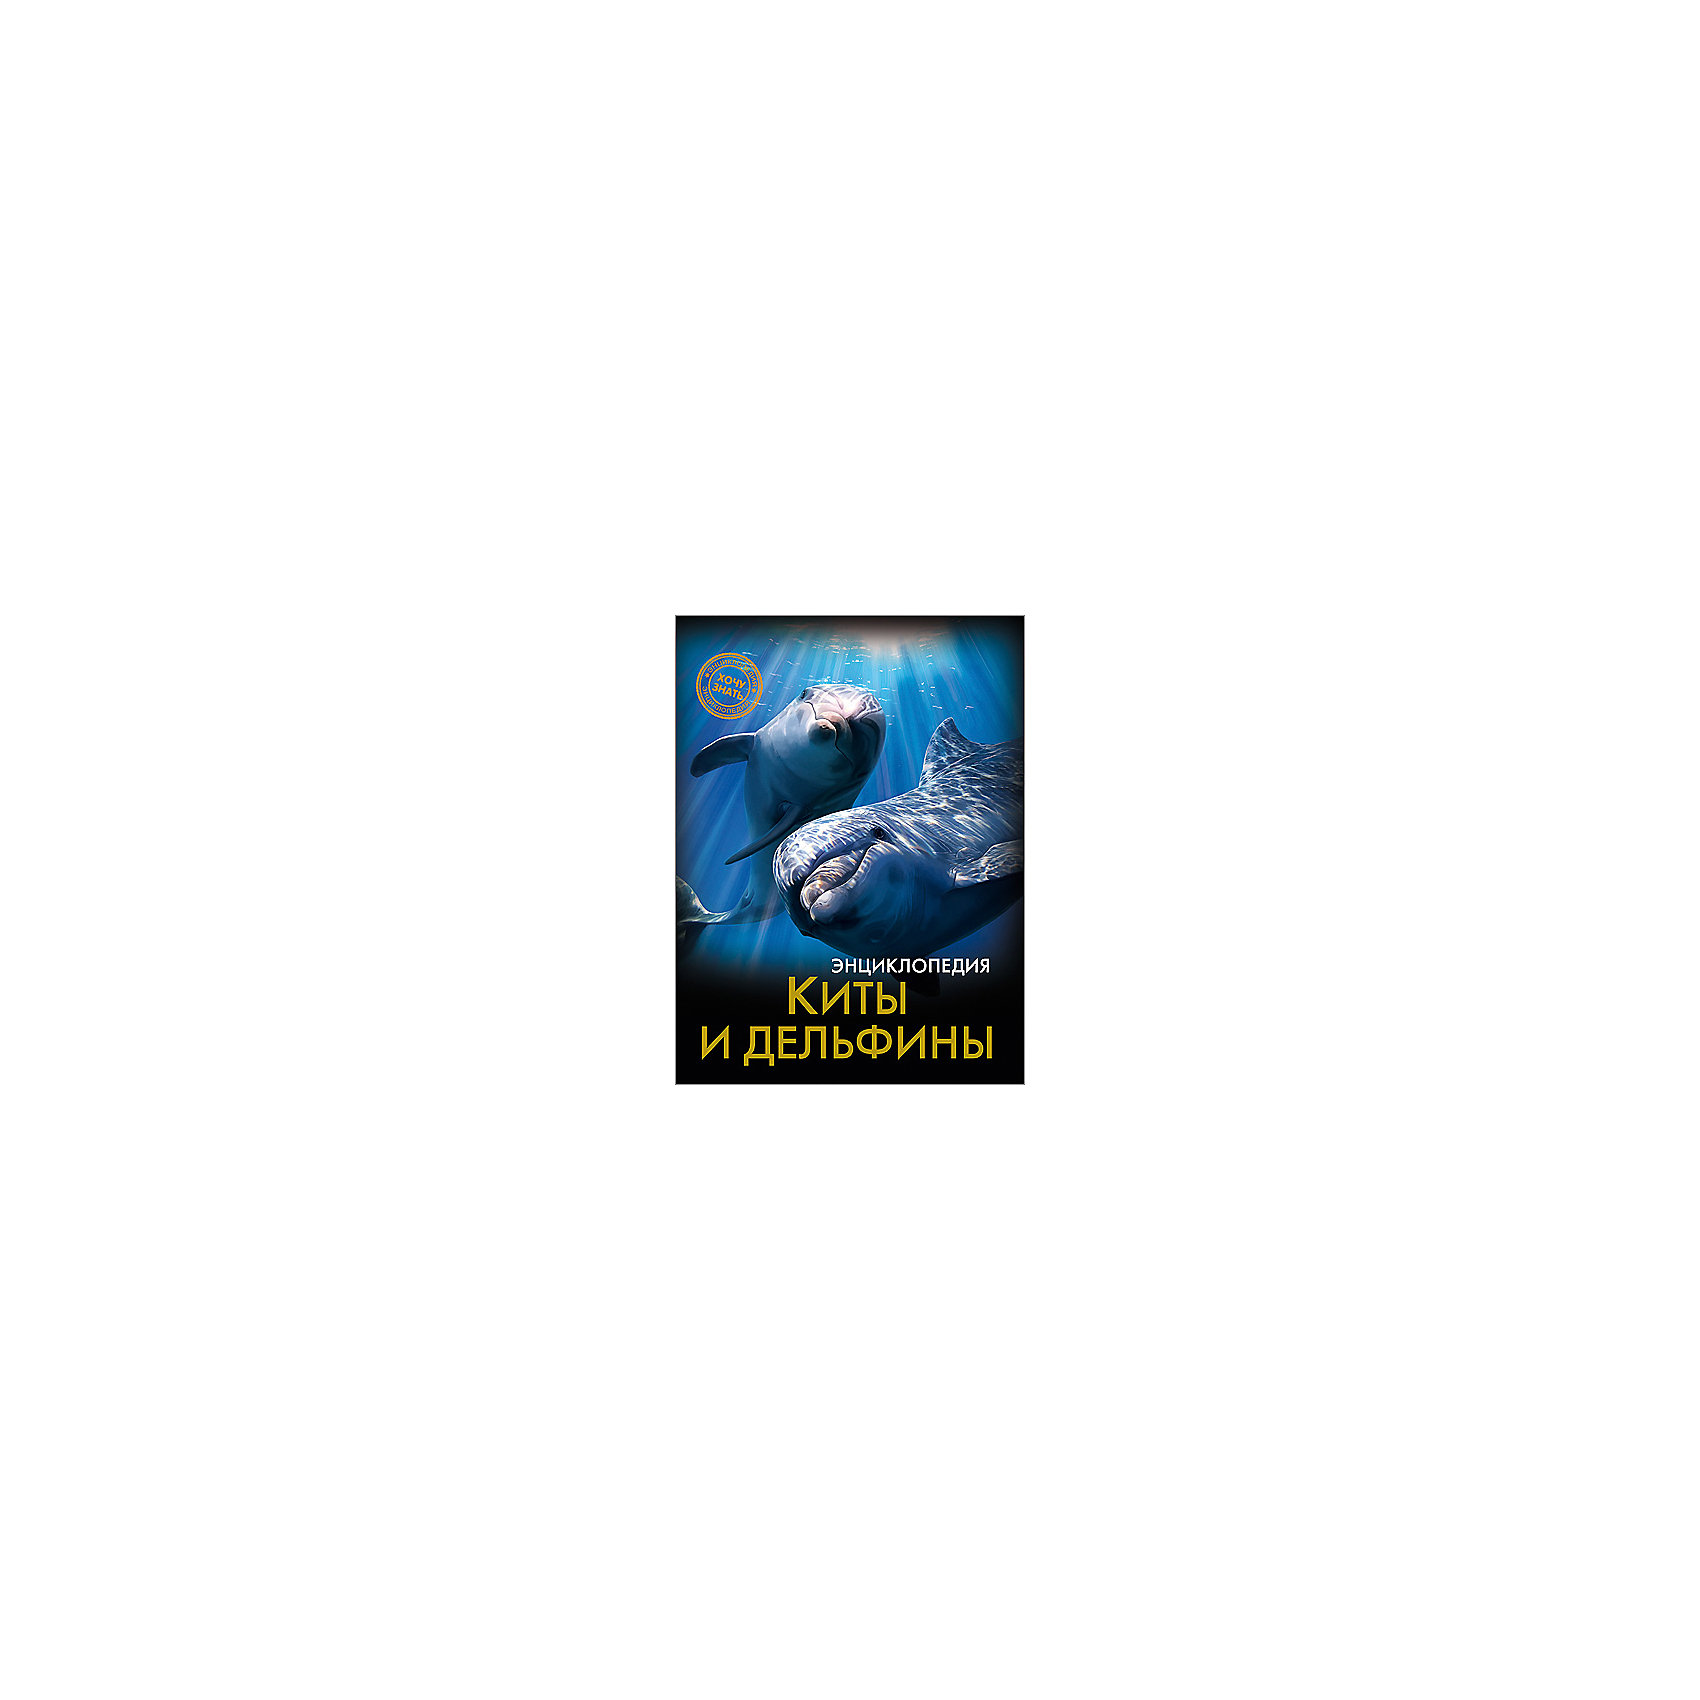 Энциклопедия Киты и дельфиныЭнциклопедии<br>Эта энциклопедия позволит вашему ребенку узнать много нового о китах и дельфинах! В этом издании вы найдете множество интересных и увлекательных тем и фактов, изложенных простым, понятным для детей языком, дополненных яркими иллюстрациями. Энциклопедия в твердой красочной обложке станет прекрасным подарком на любой праздник и обязательно заинтересует ребенка, поможет расширить кругозор и увеличить словарный запас. <br><br>Дополнительная информация:<br><br>- Автор: Савостин Михаил.<br>- Художник: Смирнов Дмитрий.<br>- Формат: 21,6х17 см.<br>- Переплет: твердый, 7БЦ.<br>- Количество страниц: 96.<br>- Иллюстрации: цветные.<br>- Содержание: Введение. Усатые киты. Зубатые киты. Заключение.<br><br>Энциклопедию Киты и дельфины можно купить в нашем магазине.<br><br>Ширина мм: 170<br>Глубина мм: 5<br>Высота мм: 215<br>Вес г: 310<br>Возраст от месяцев: 72<br>Возраст до месяцев: 2147483647<br>Пол: Унисекс<br>Возраст: Детский<br>SKU: 4756240